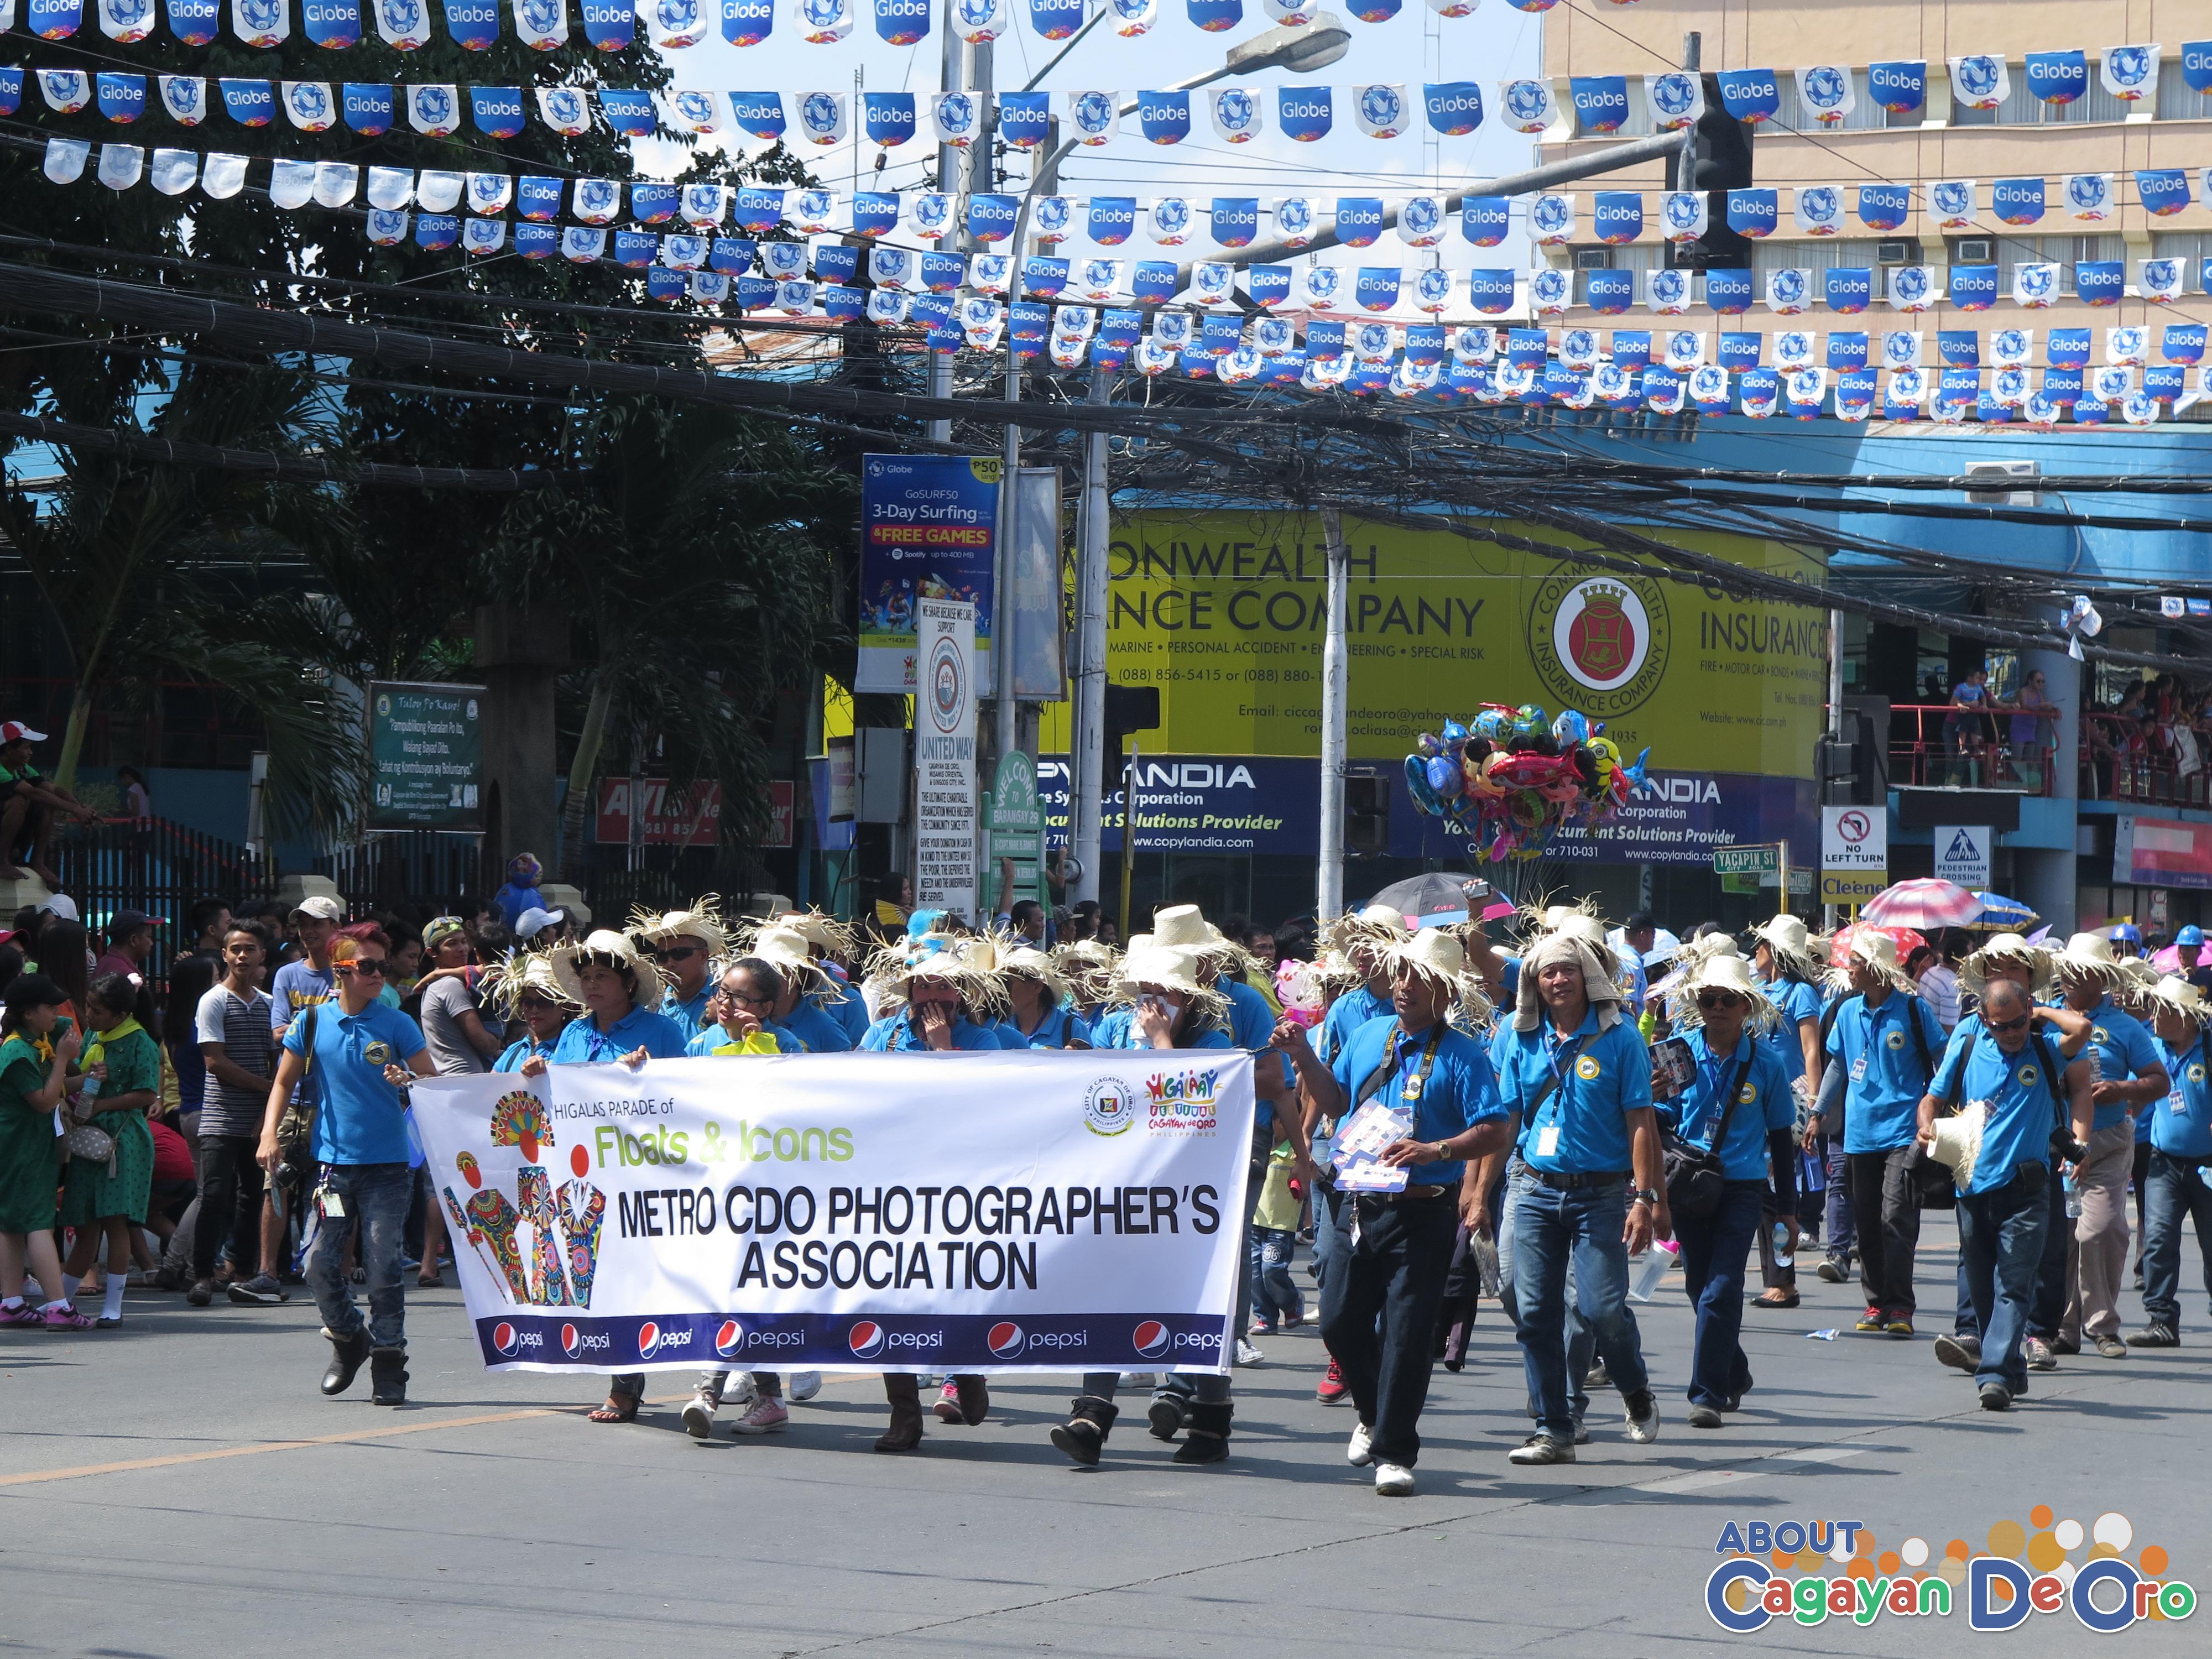 Metro CDO Photographer's Association at Cagayan de Oro The Higalas Parade of Floats and Icons 2015